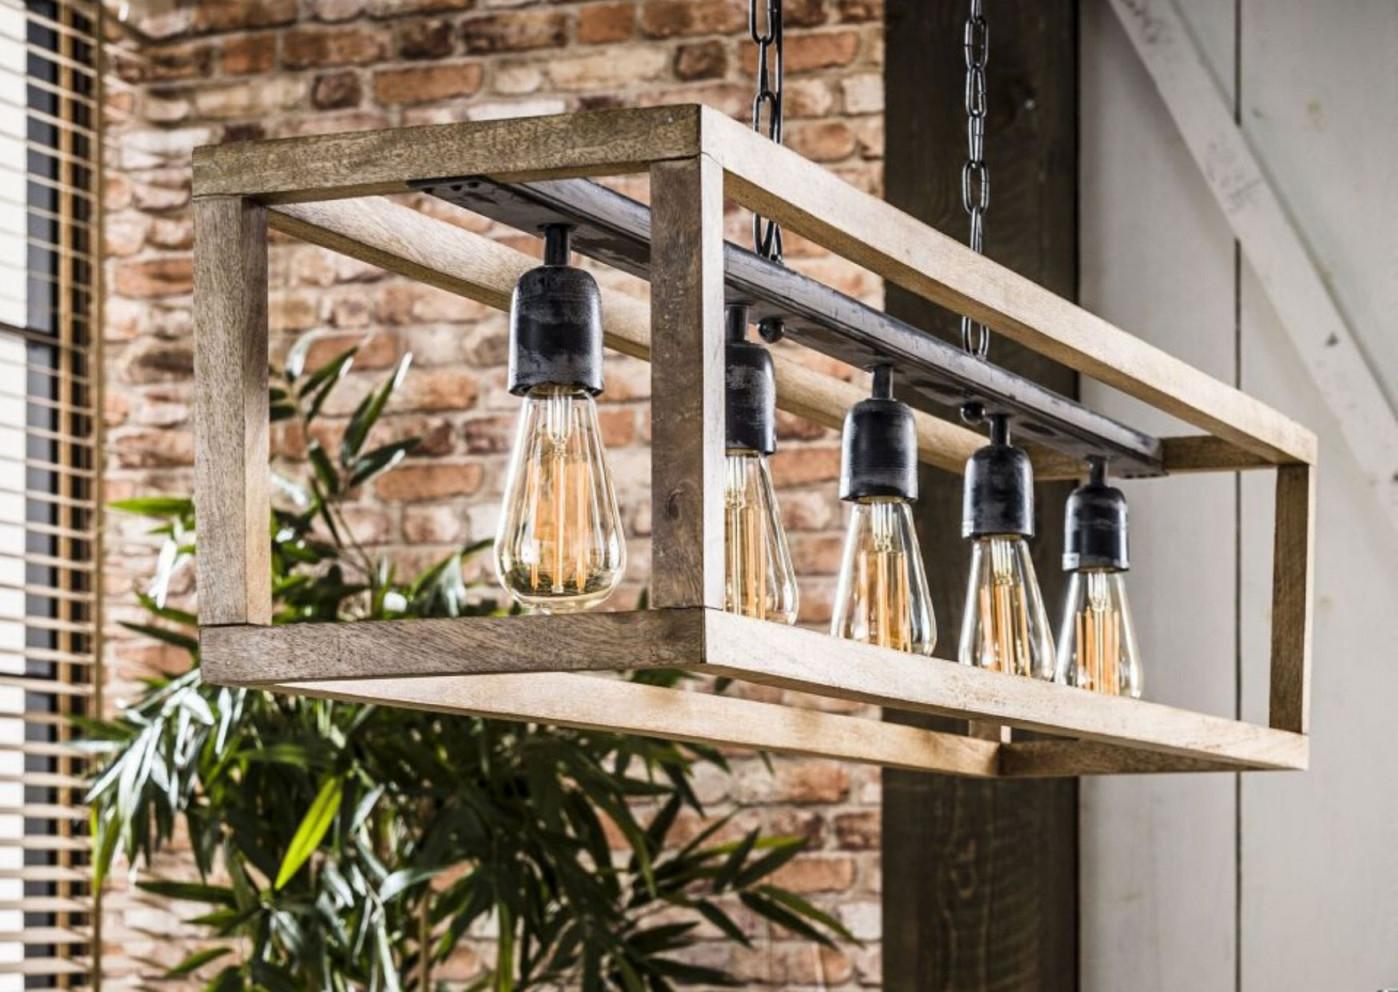 Indirekte Beleuchtung Wohnzimmer Holz – Caseconrad von Lampe Wohnzimmer Holz Bild